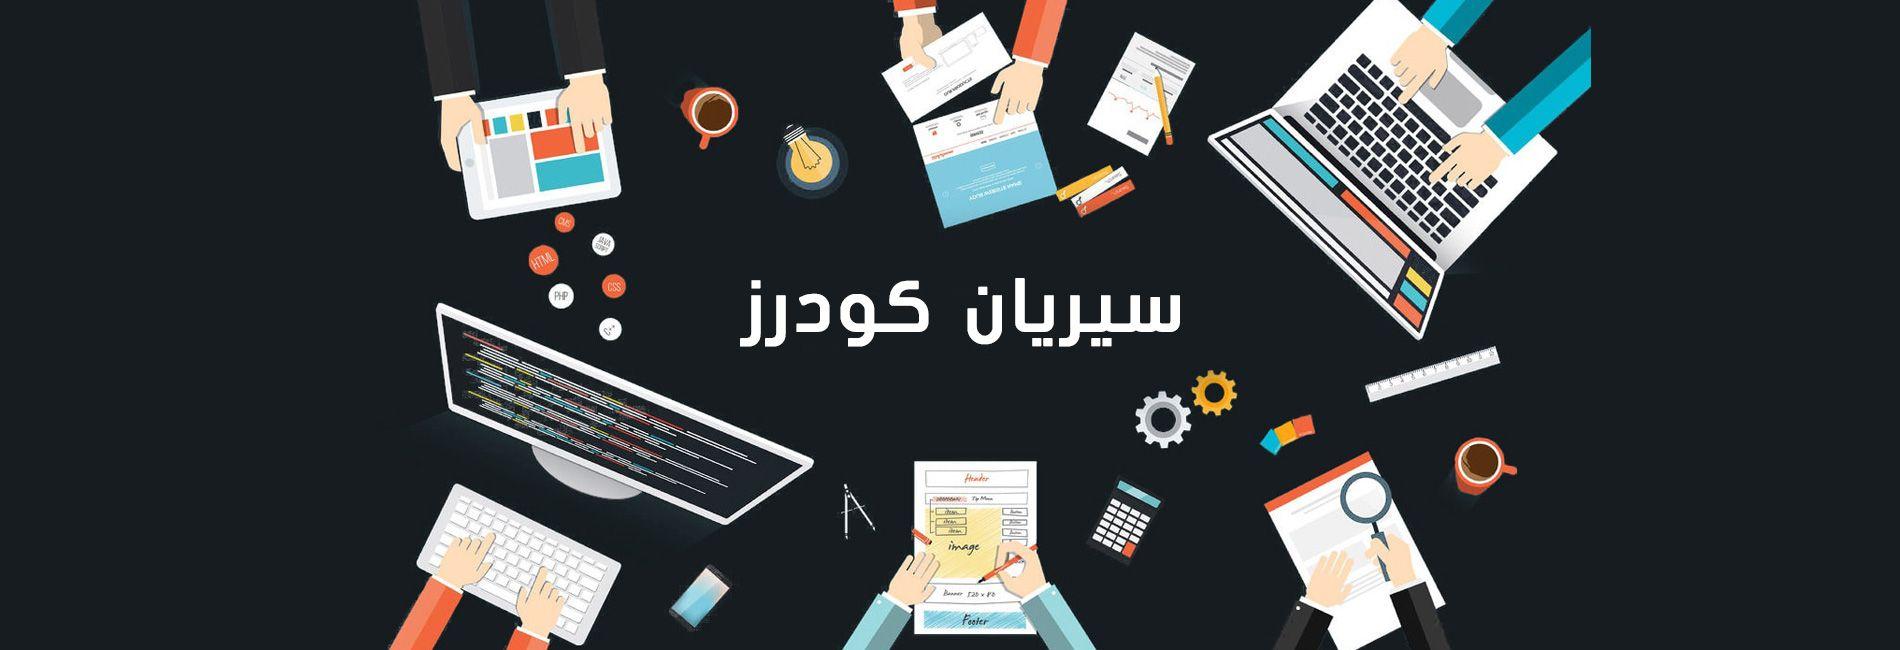 شركة تصميم مواقع انترنت في تركيا   شركة سيريان كودرز